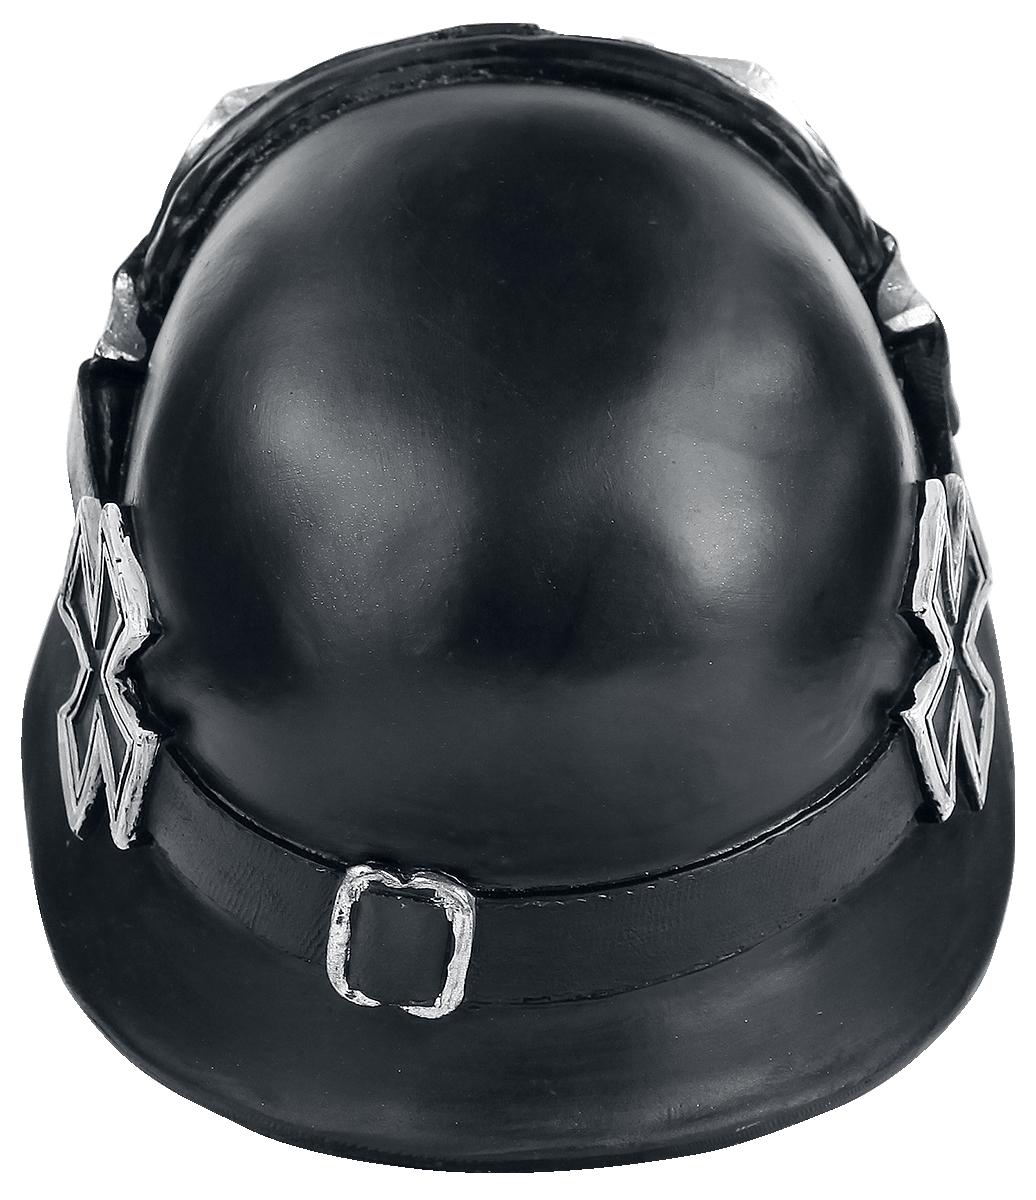 Image of Nemesis Now Iron Cross Skull Deko-Schädel Standard